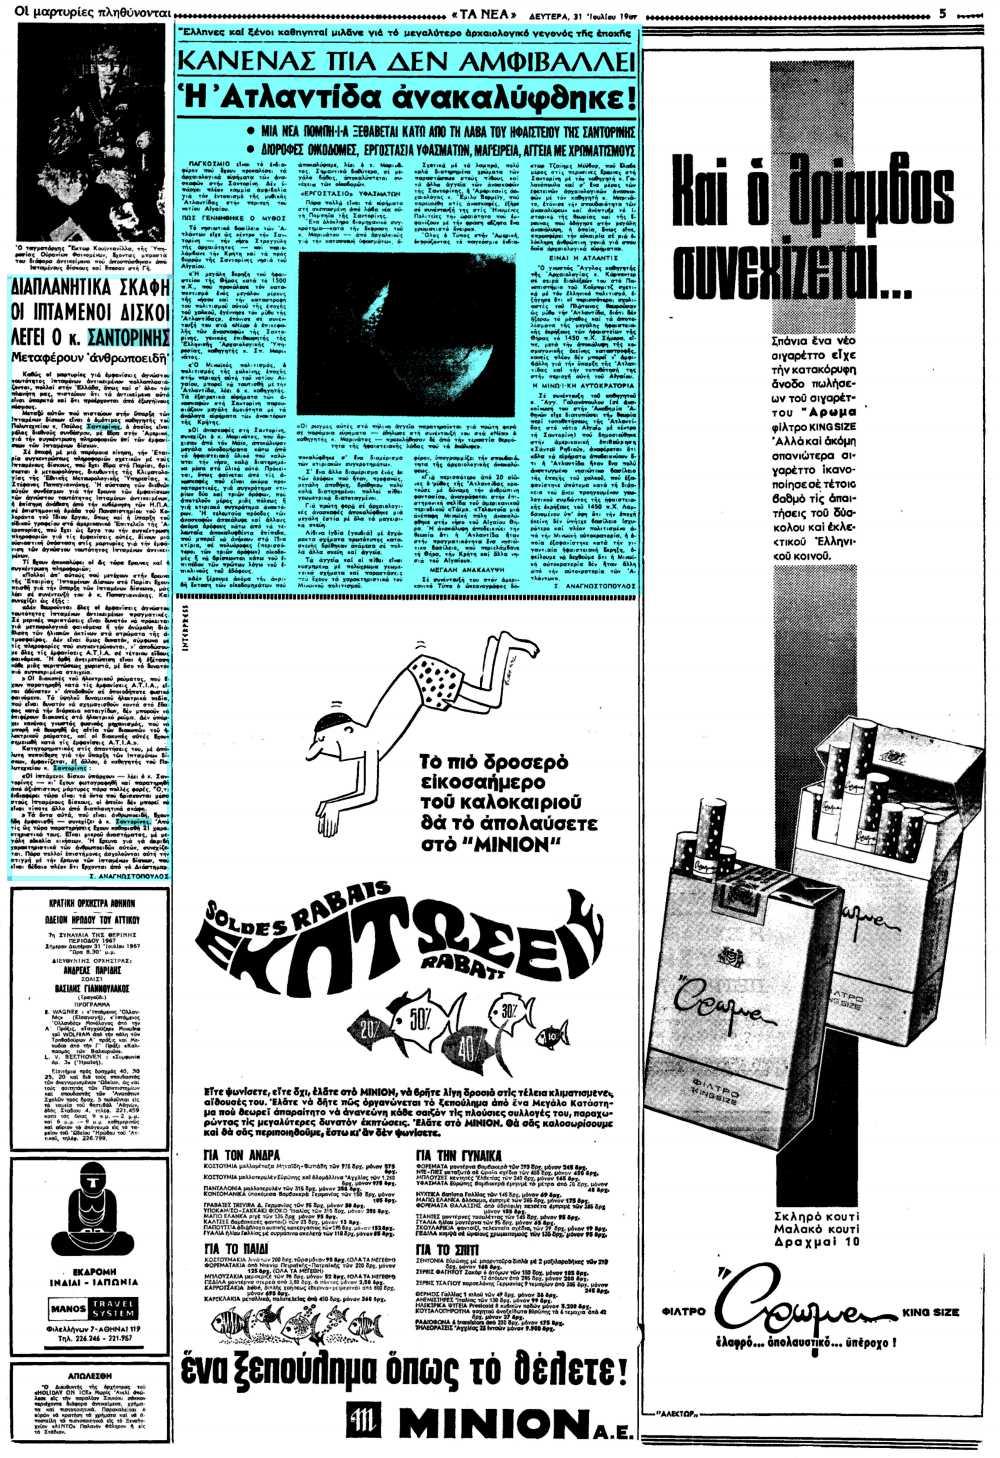 """Το άρθρο, όπως δημοσιεύθηκε στην εφημερίδα """"ΤΑ ΝΕΑ"""", στις 31/07/1967"""